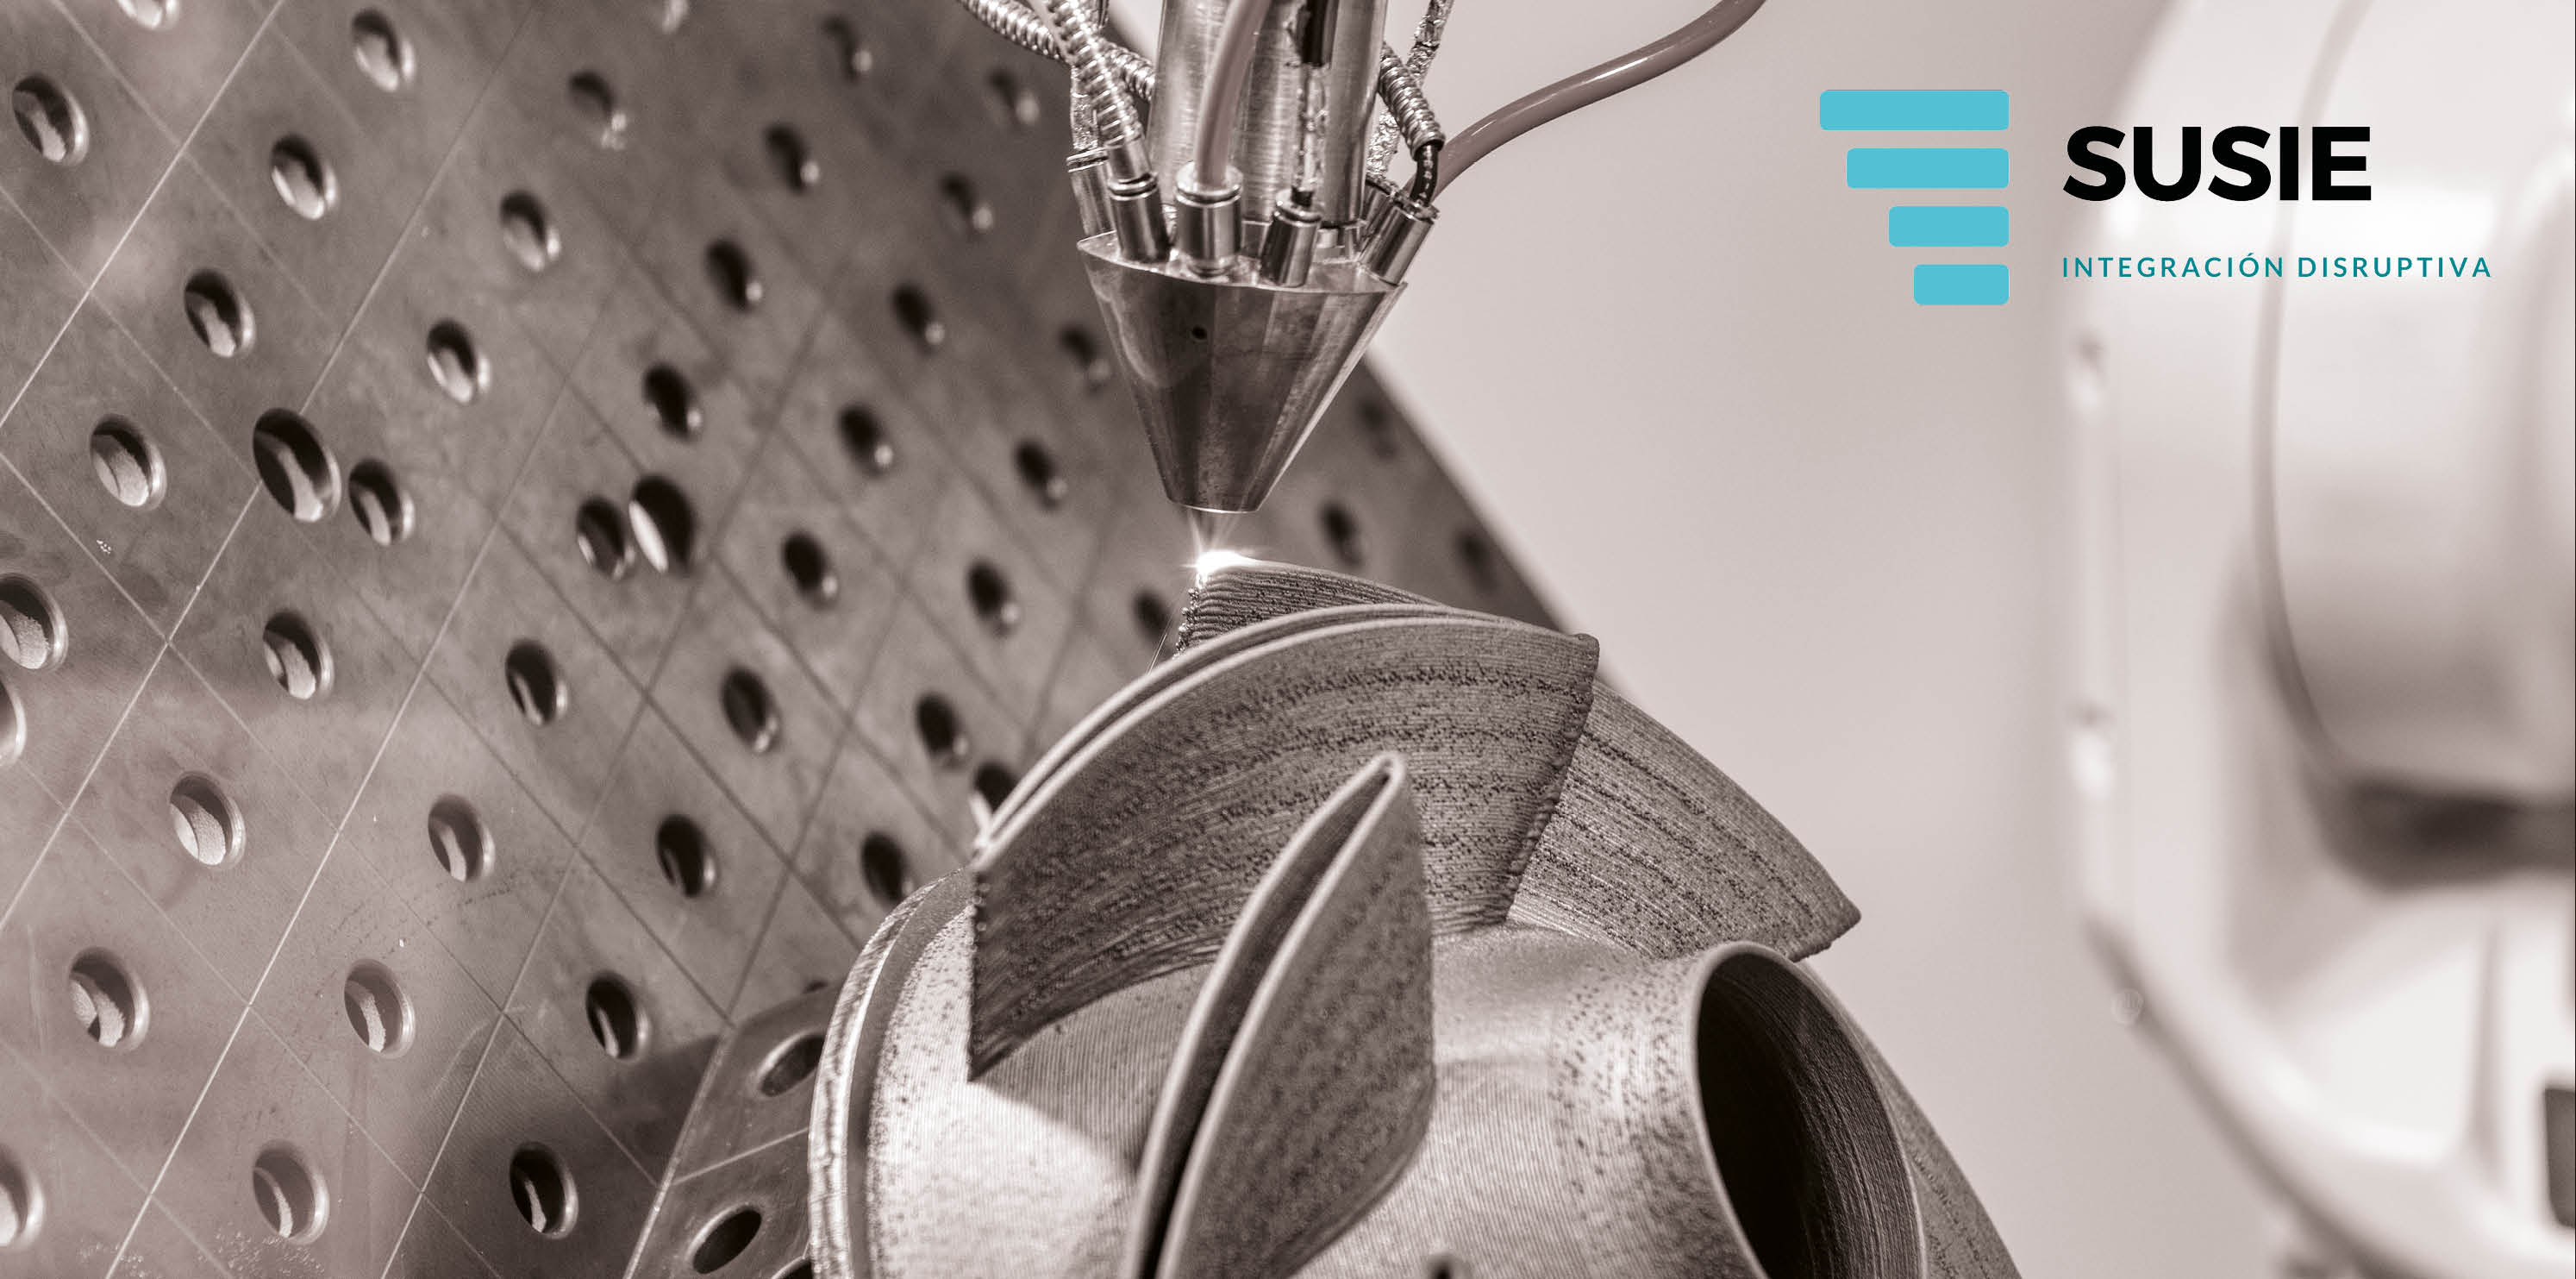 Arranca el proyecto SUSIE para la integración disruptiva de sensórica inteligente en máquinas mediante el empleo de tecnología aditiva